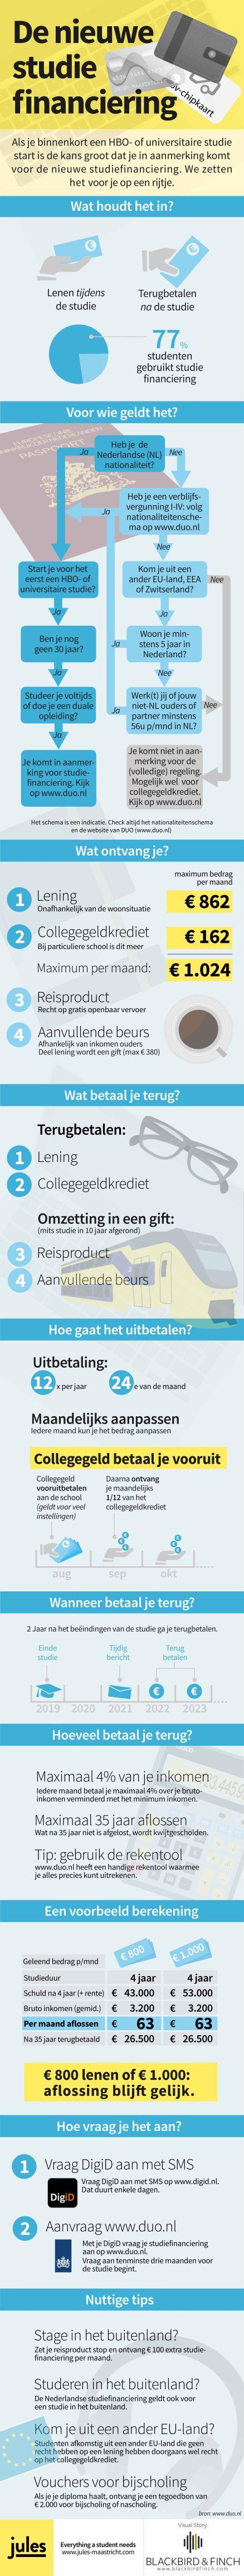 Nieuwe_Studiefinanciering_NL_2016_438.jpg